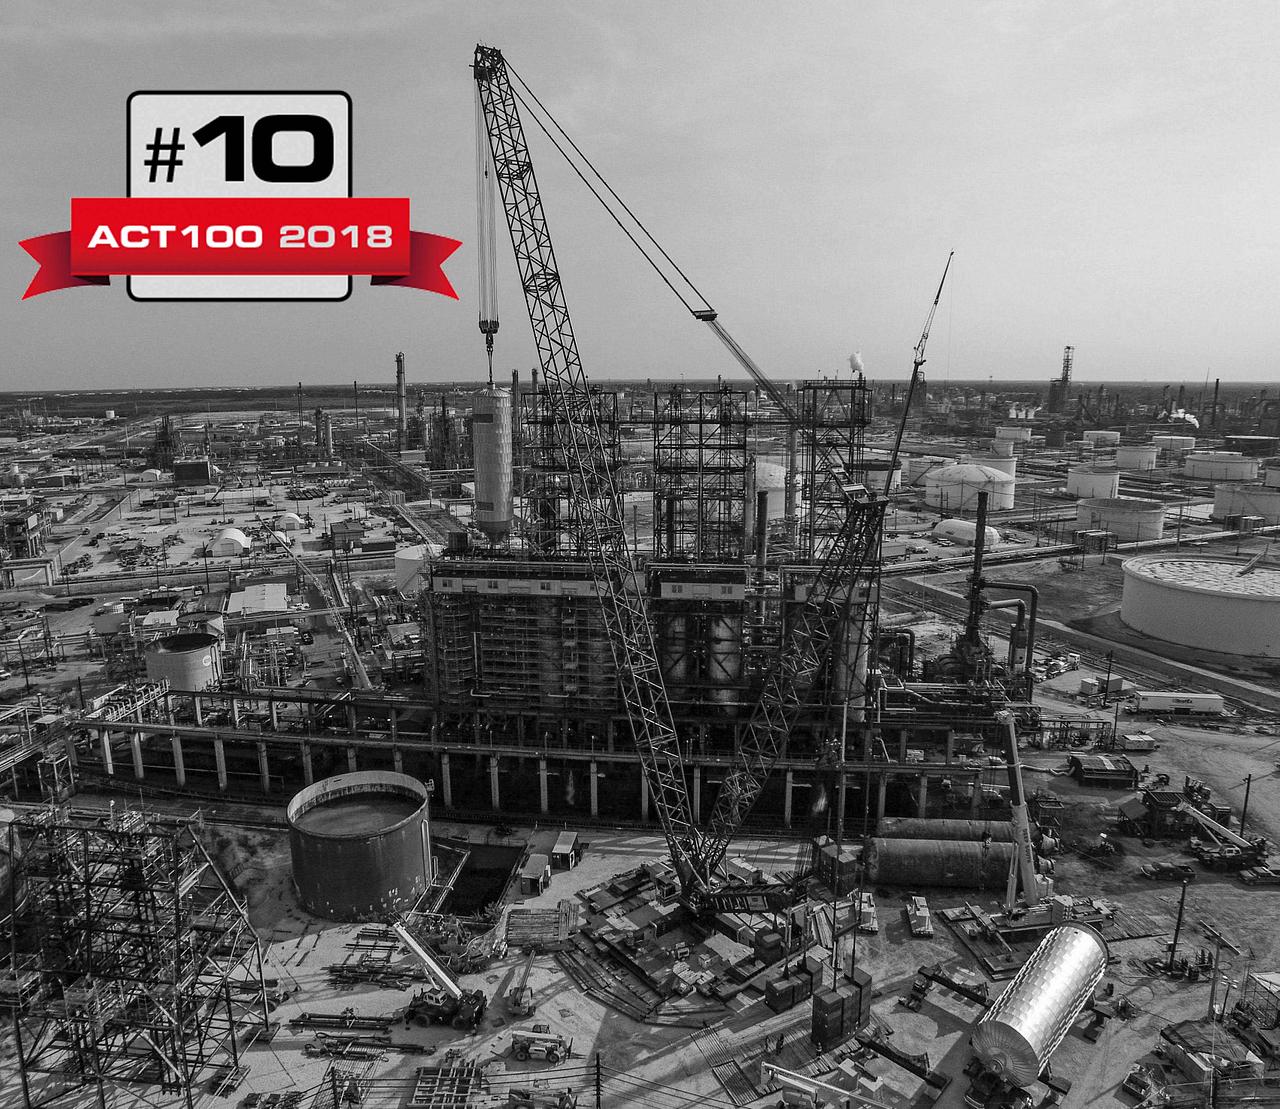 deep south top 10 act index